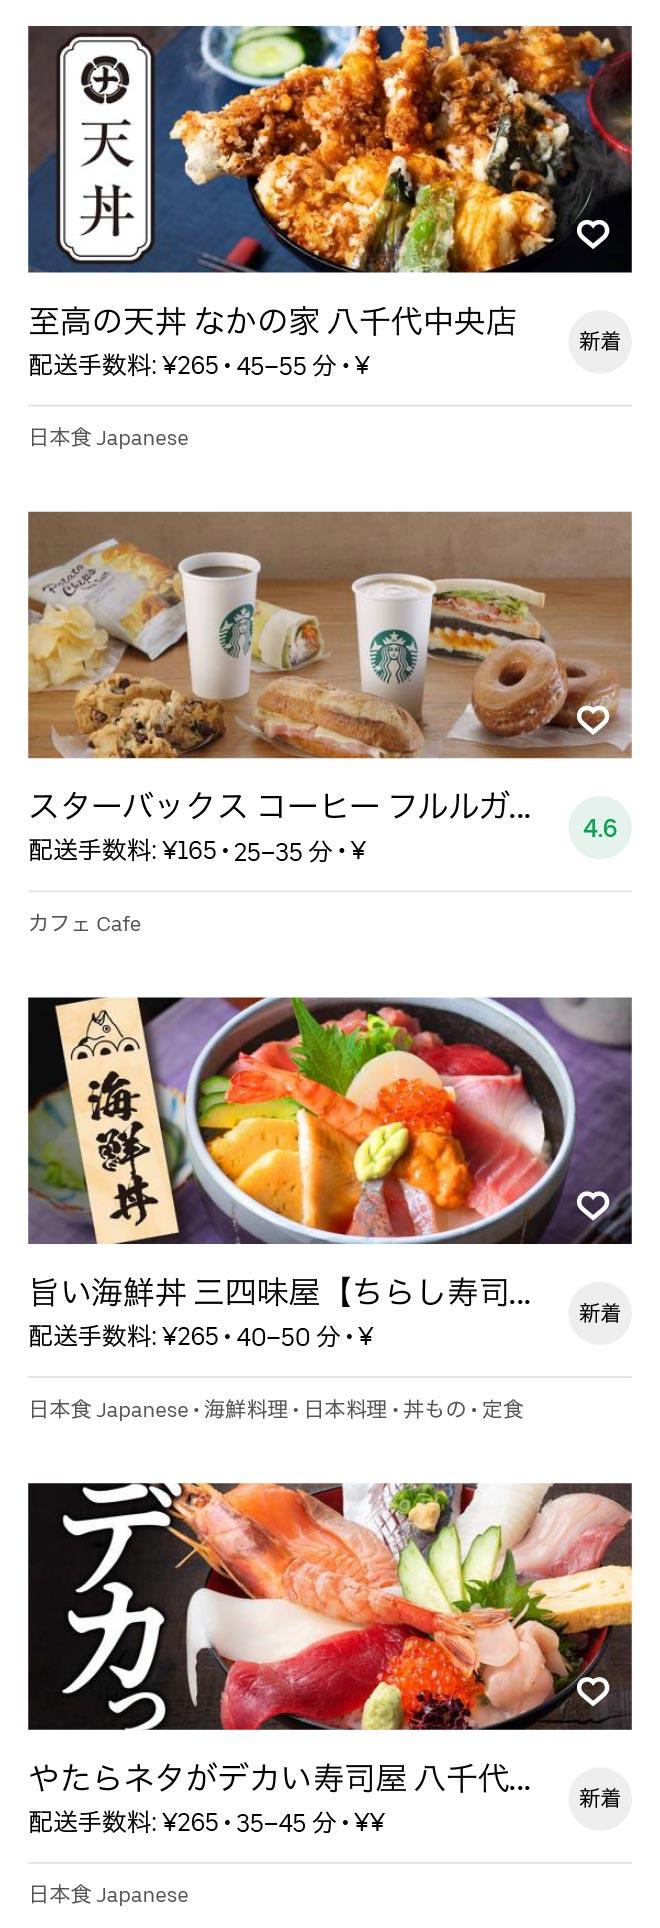 Katsutadai menu 2008 02